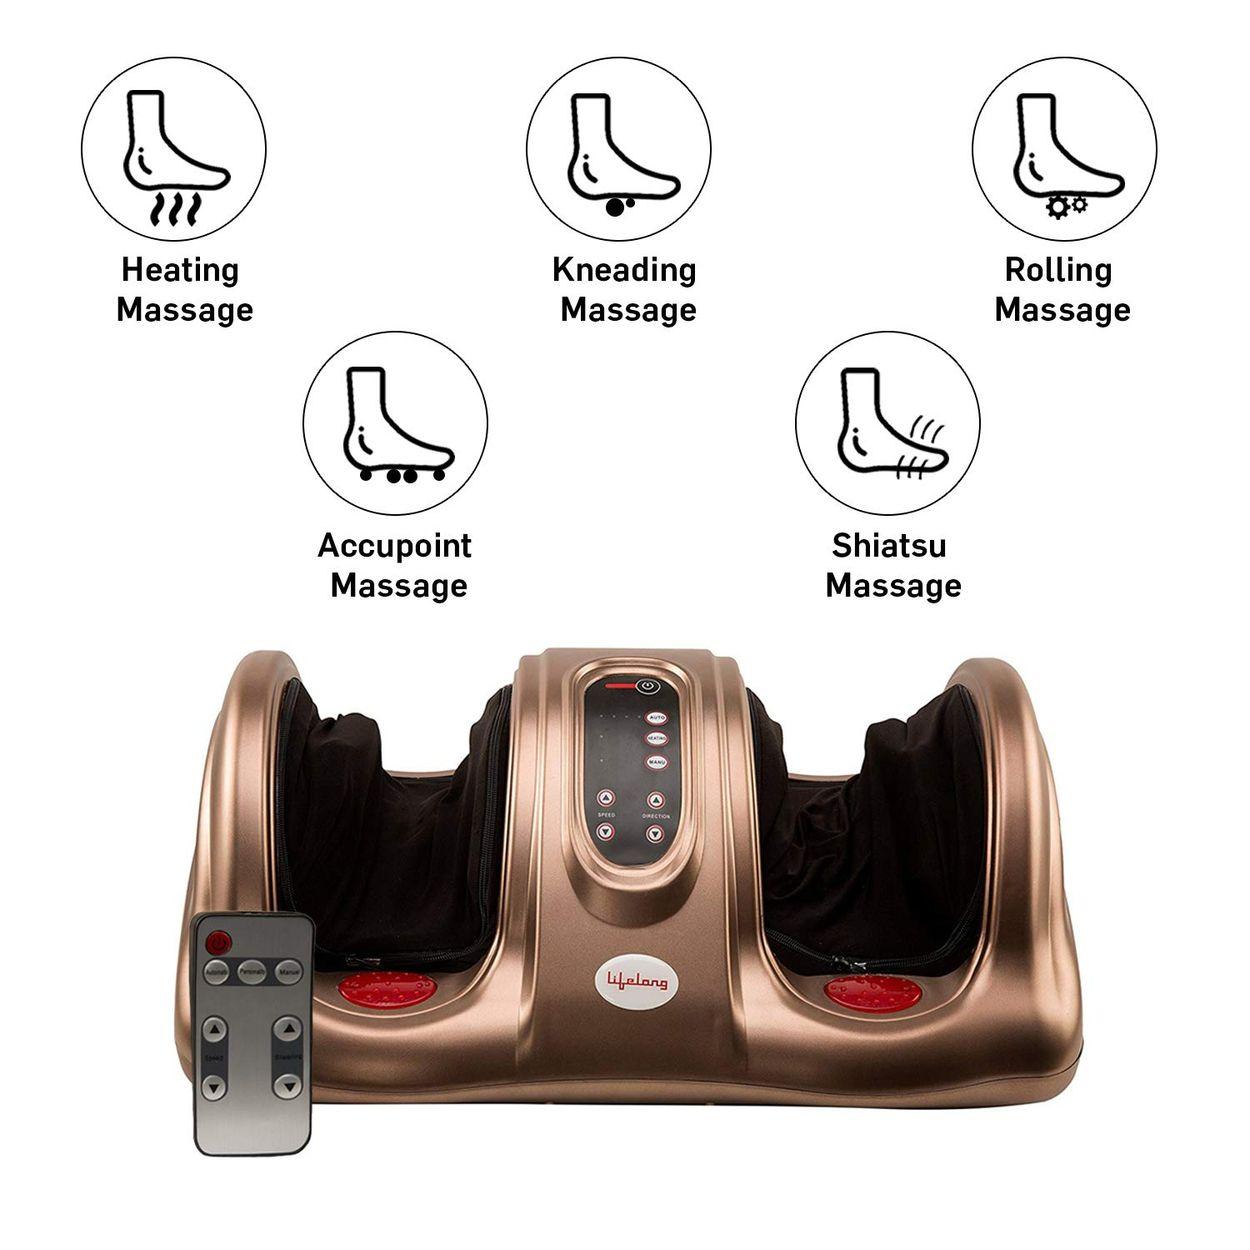 Lifelong LLM81 Foot Massager with Heat Warm Feature